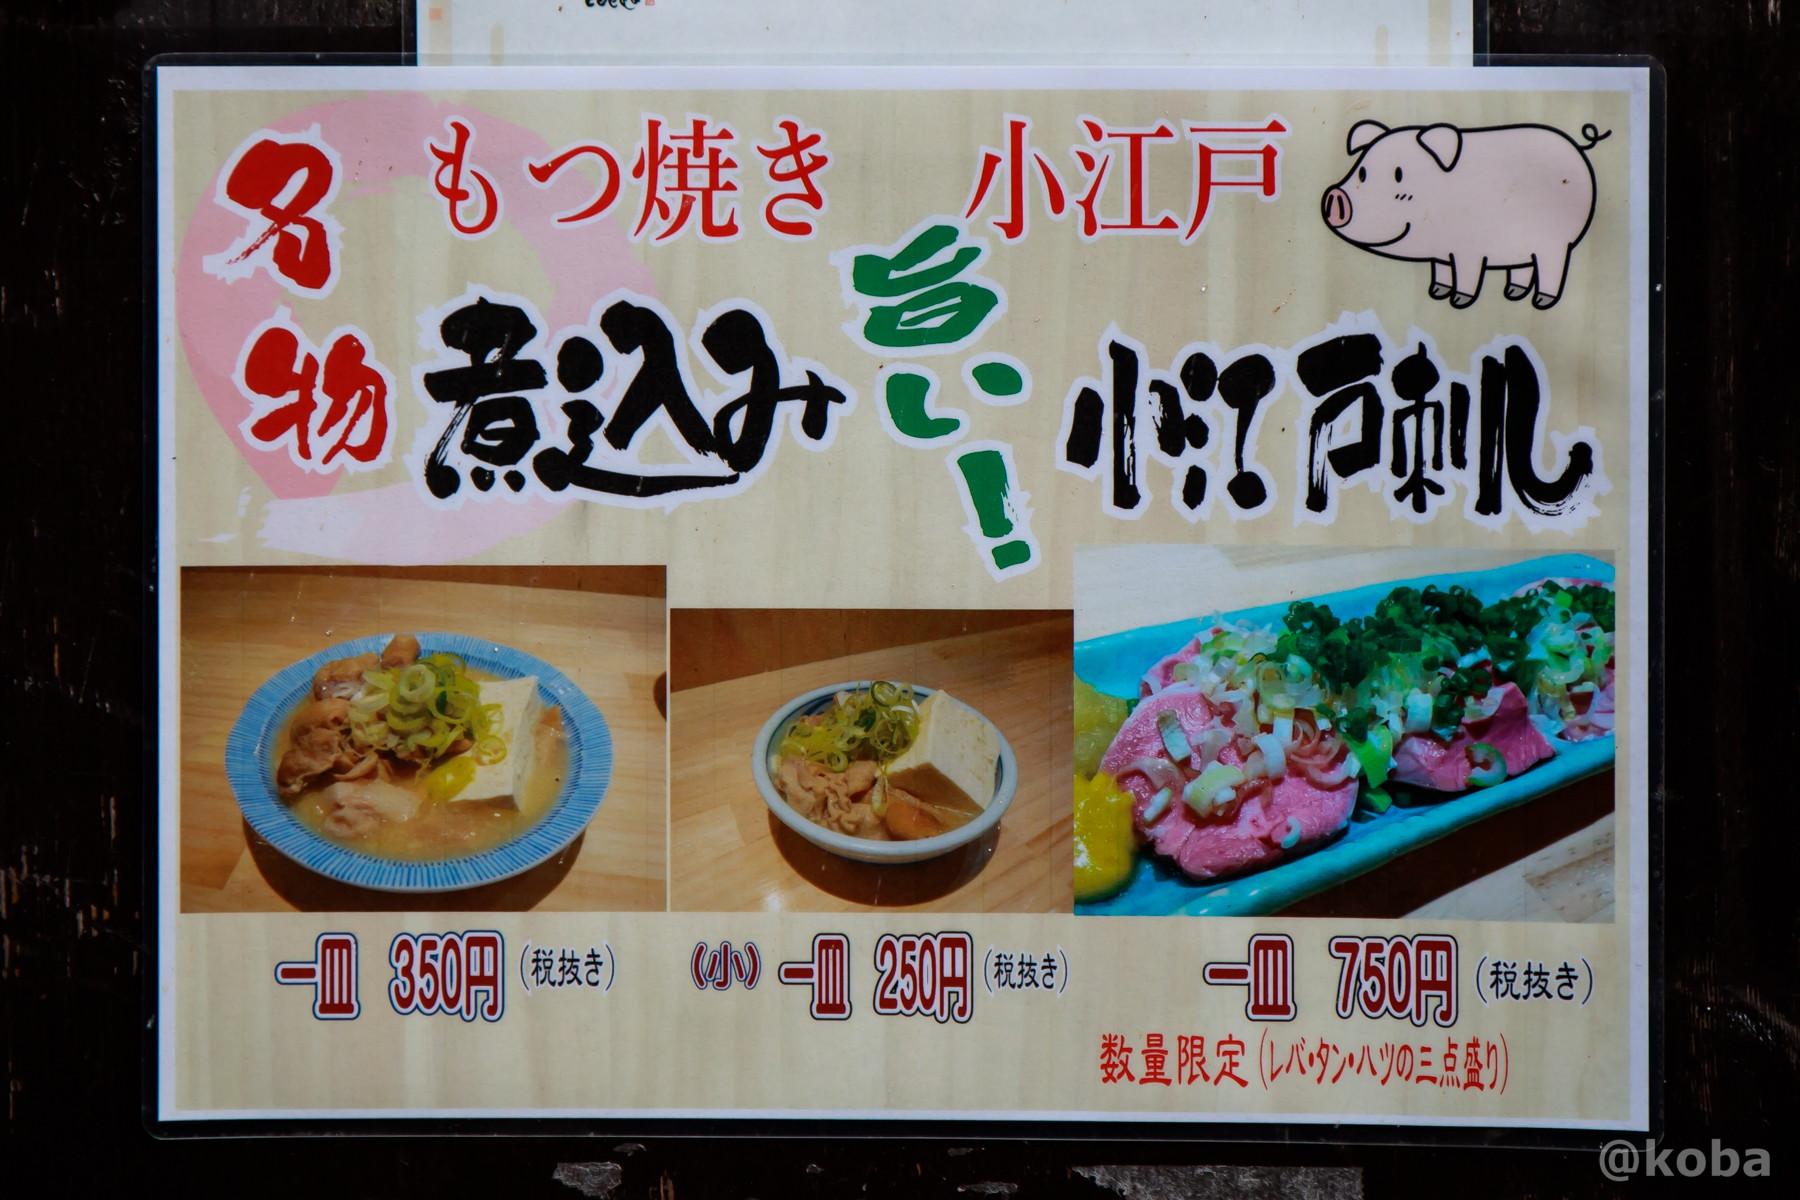 名物料理メニューの写真|青砥 小江戸(こえど) もつ焼き 居酒屋 |東京都葛飾区・青戸